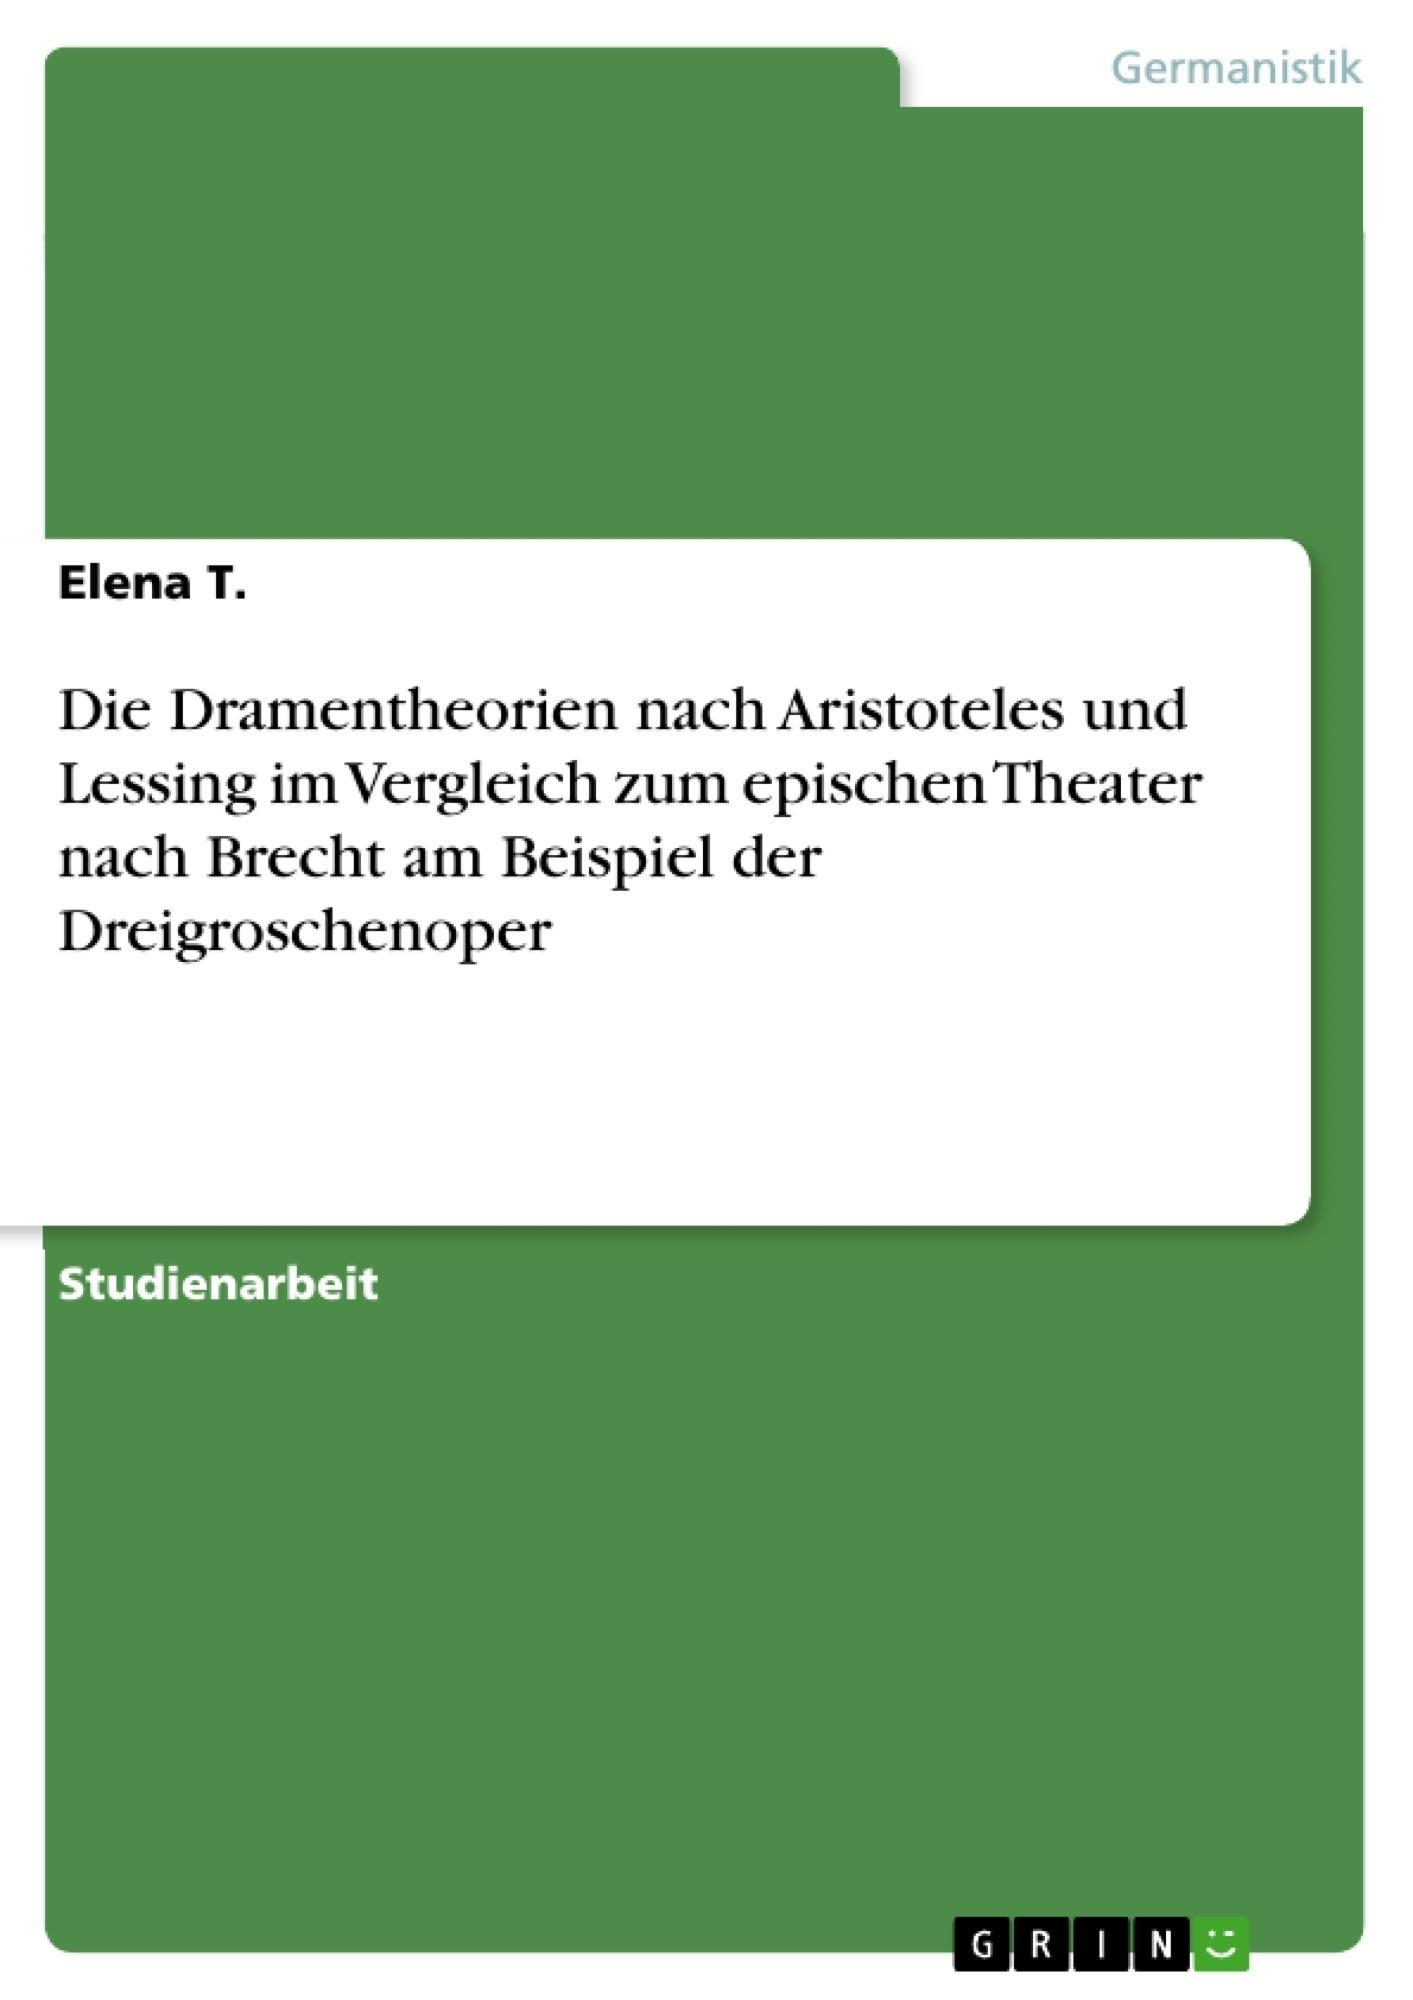 Titel: Die Dramentheorien nach Aristoteles und Lessing im Vergleich zum epischen Theater nach Brecht am Beispiel der Dreigroschenoper